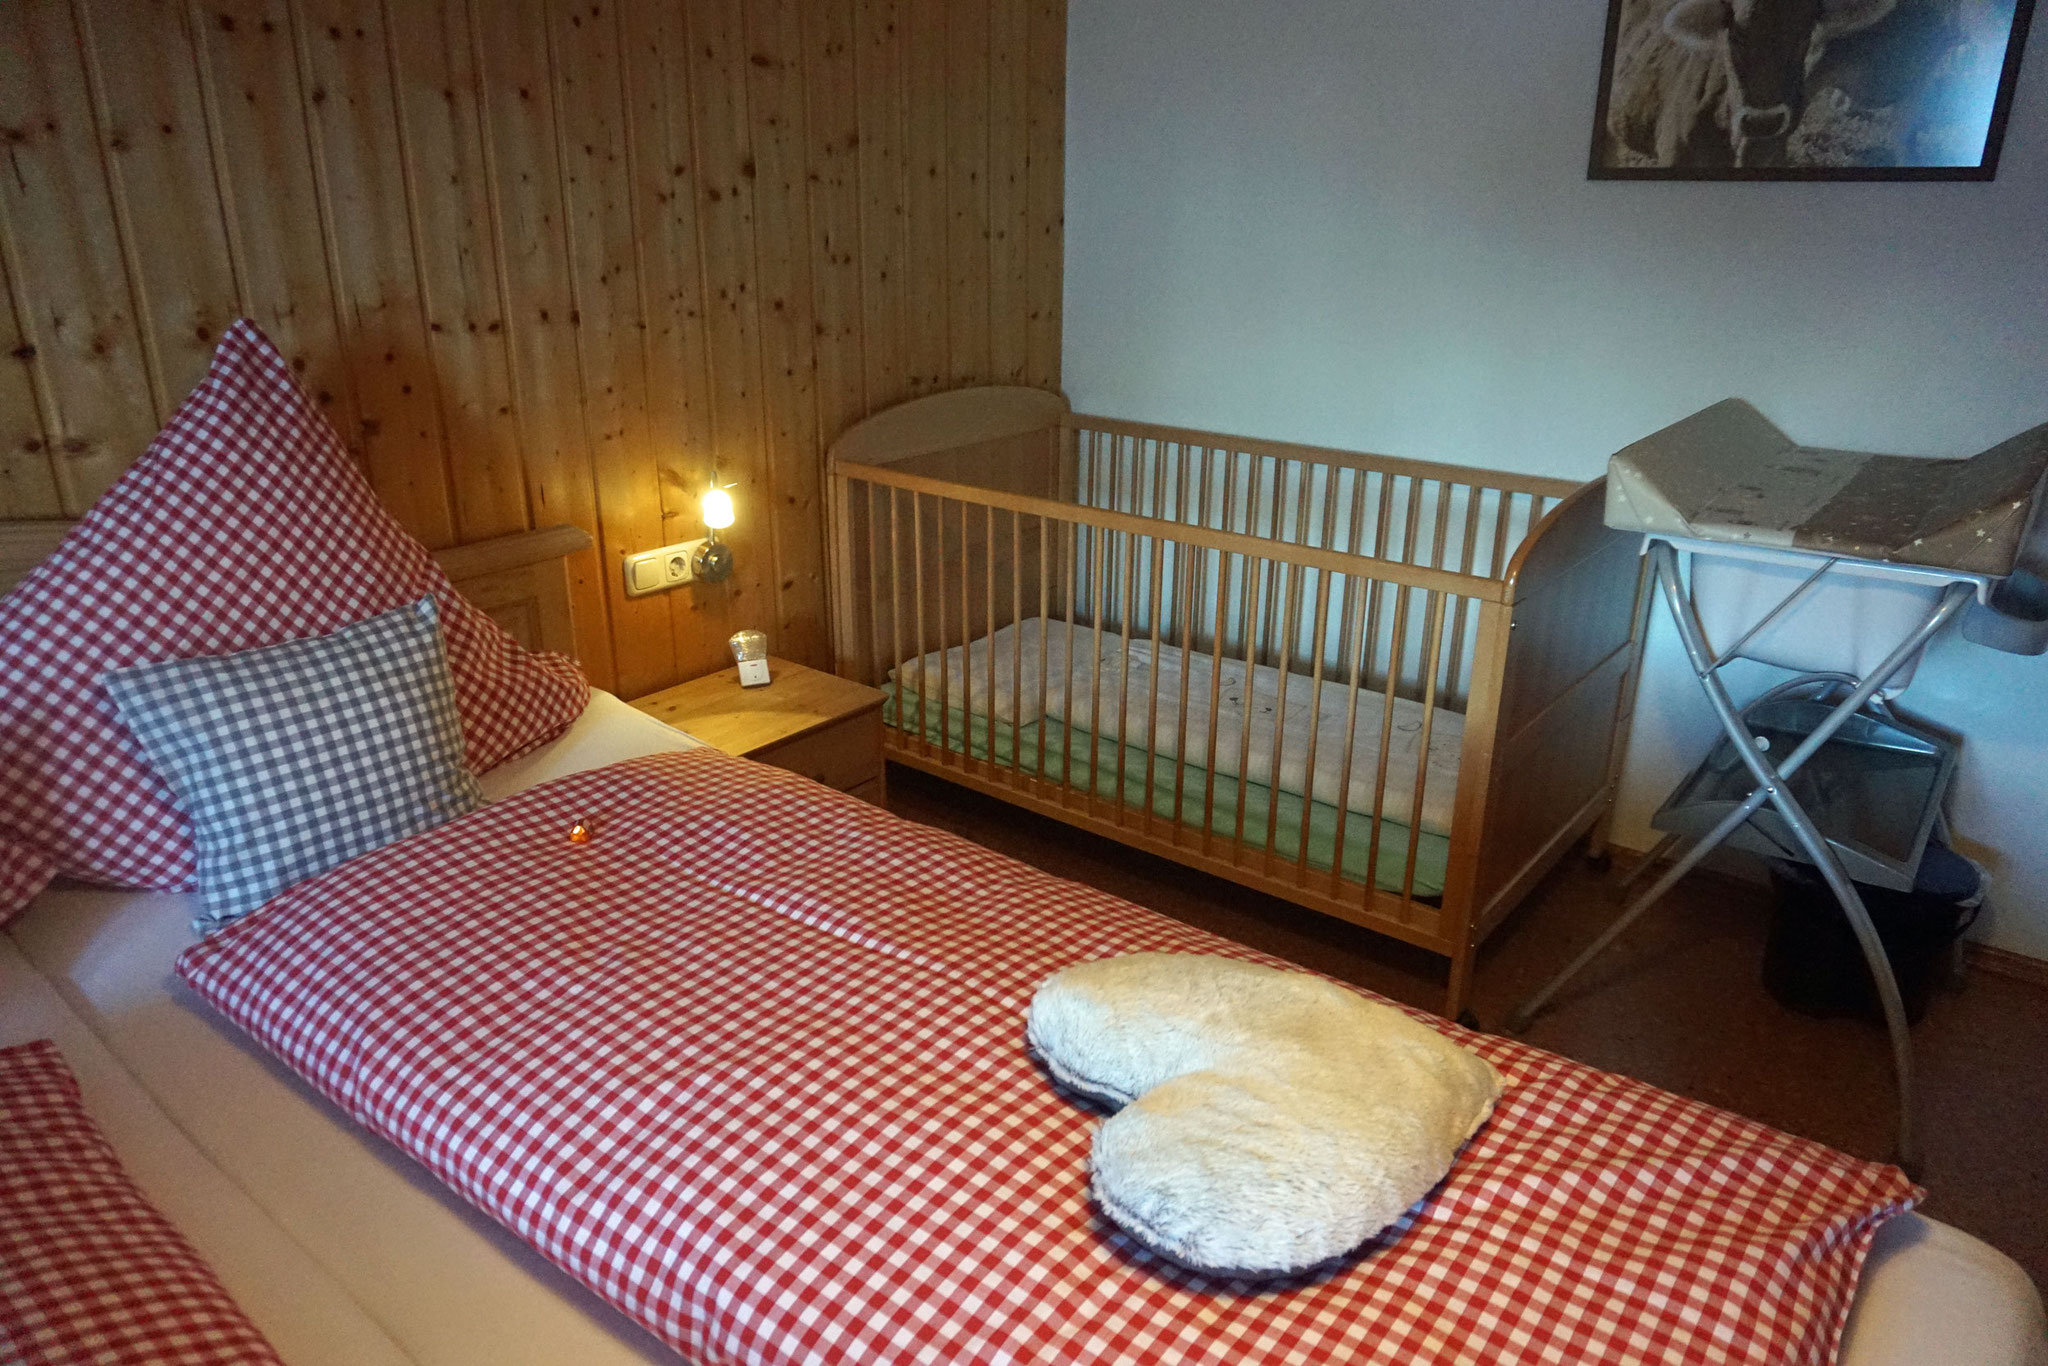 Platz genug für ein Babybett